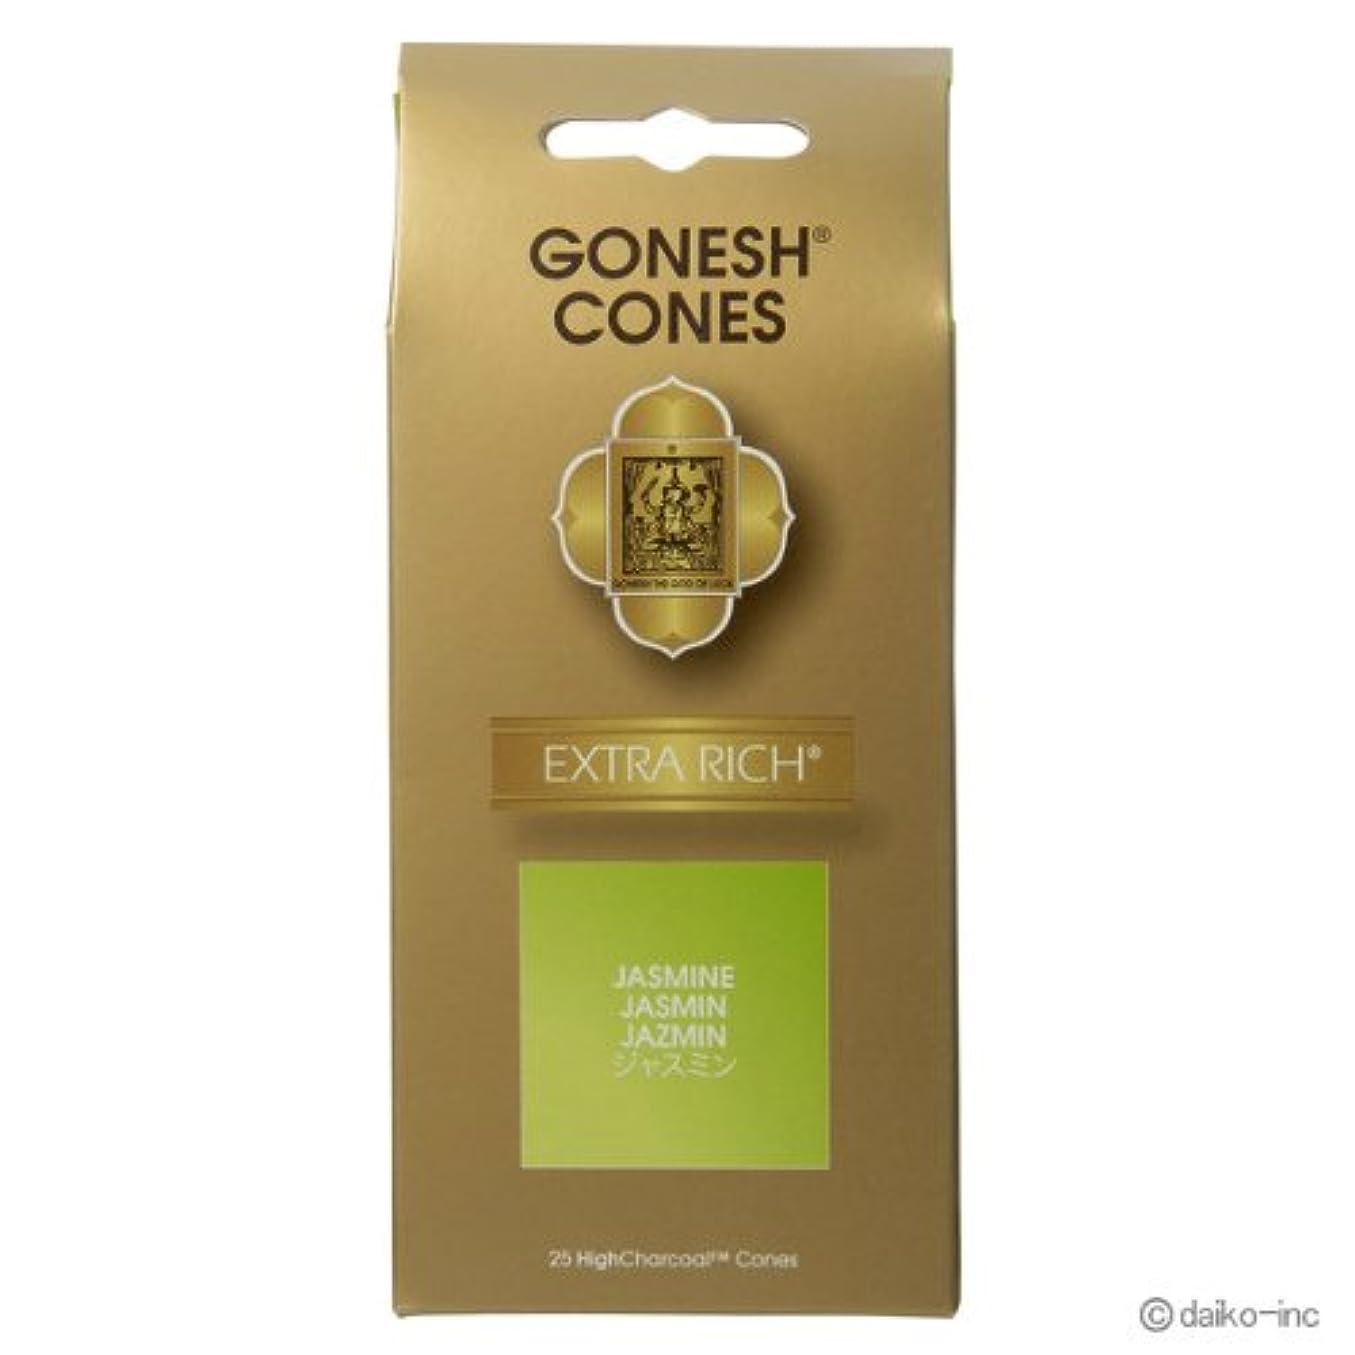 ガーネッシュ GONESH エクストラリッチ ジャスミン お香コーン25ヶ入 6個セット